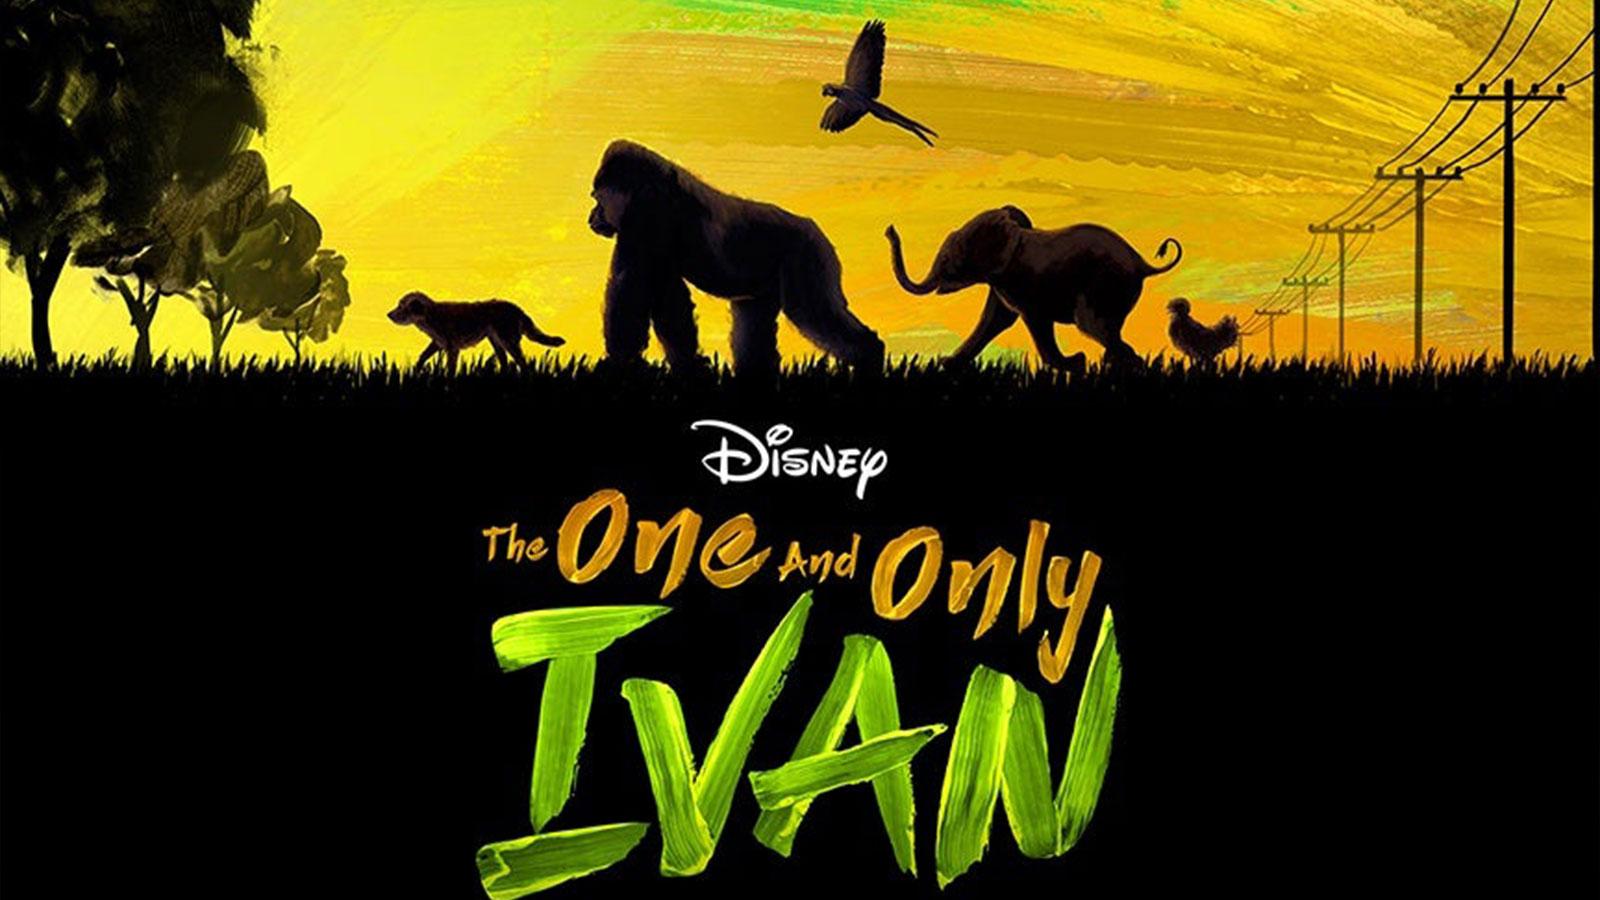 جدیدترین تریلر فیلم The One and Only Ivan